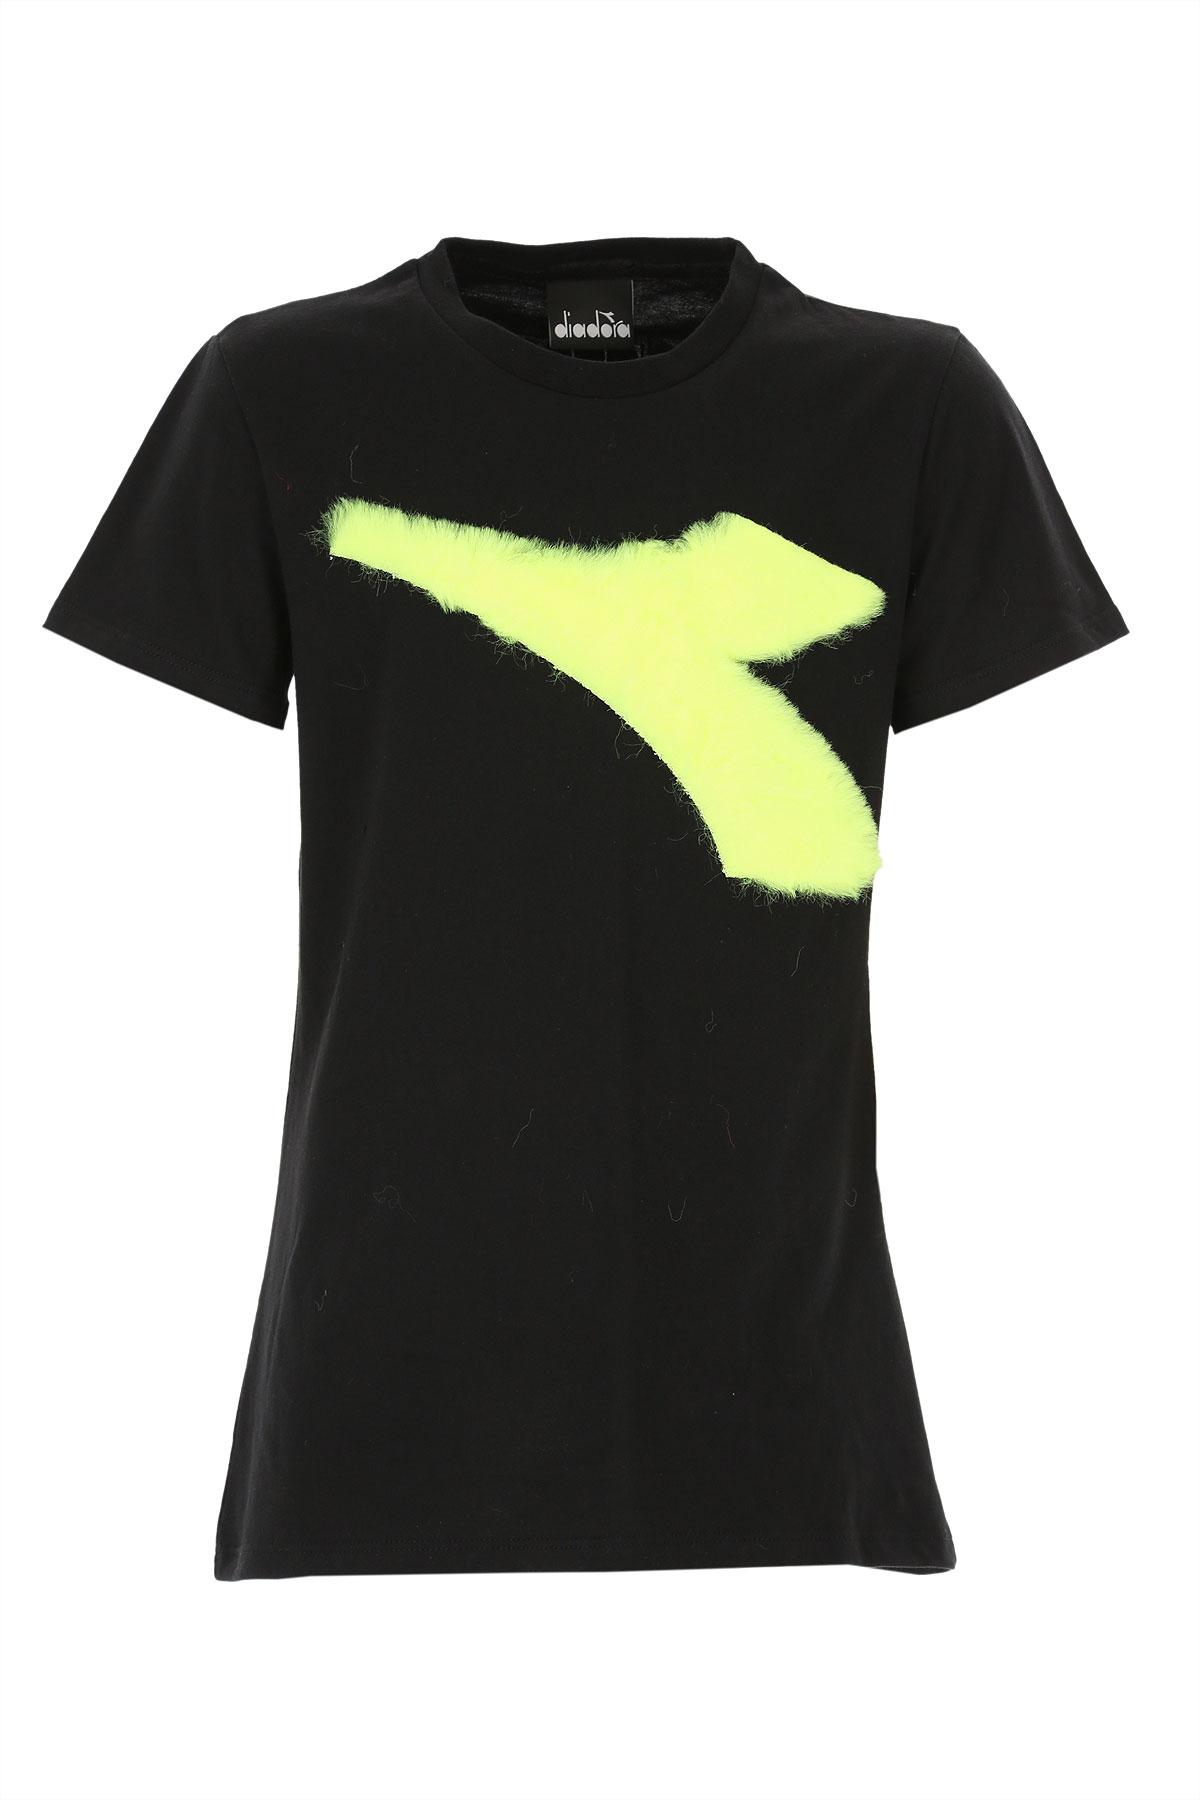 Diadora Kids T-Shirt for Girls On Sale, Black, Cotton, 2019, 10Y 12Y 14Y